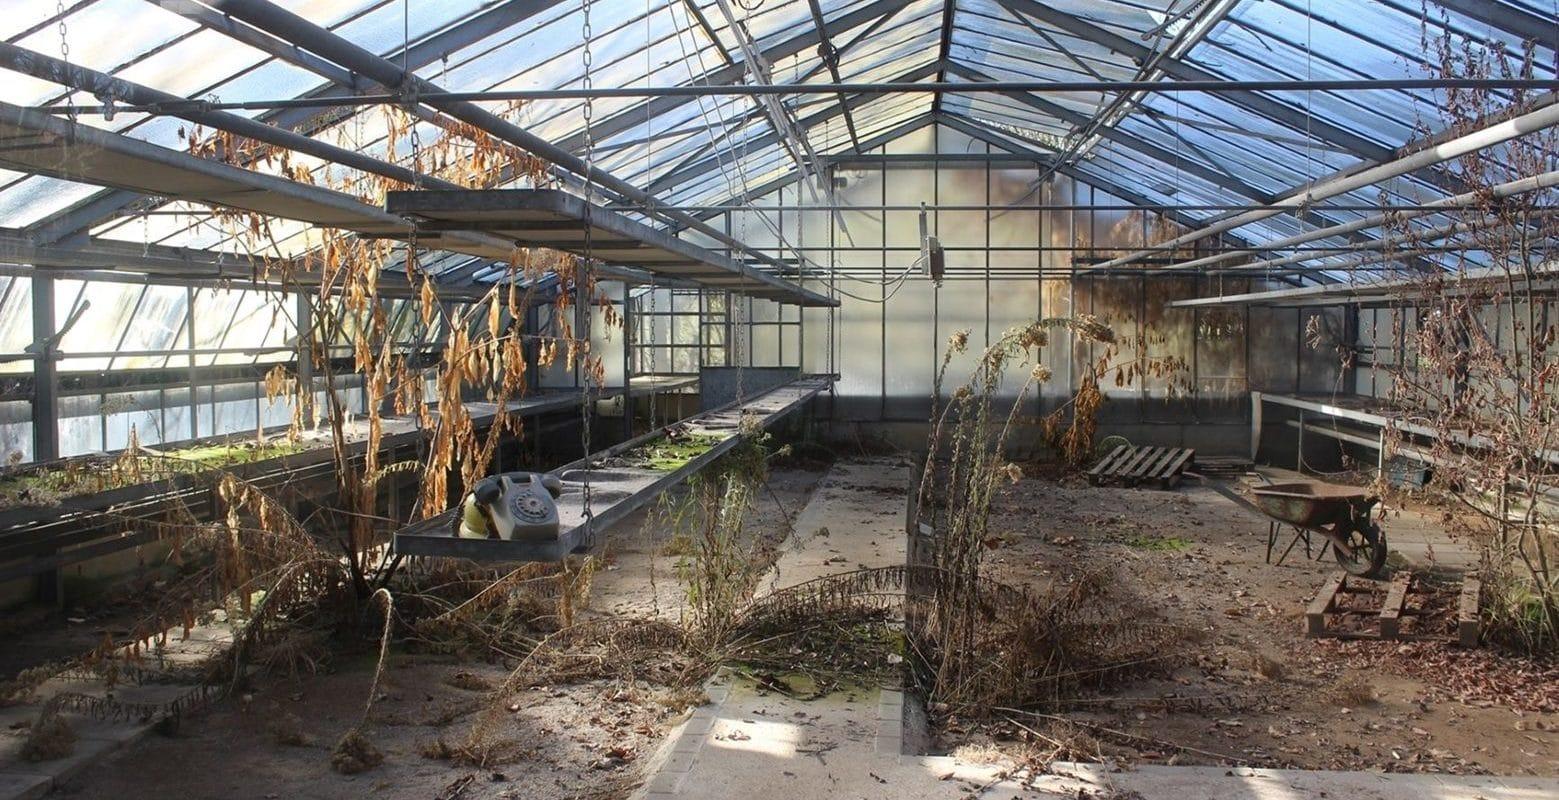 Plus de dix ans d'abandon pour l'ancien hôpital psychiatrique de Hoerdt